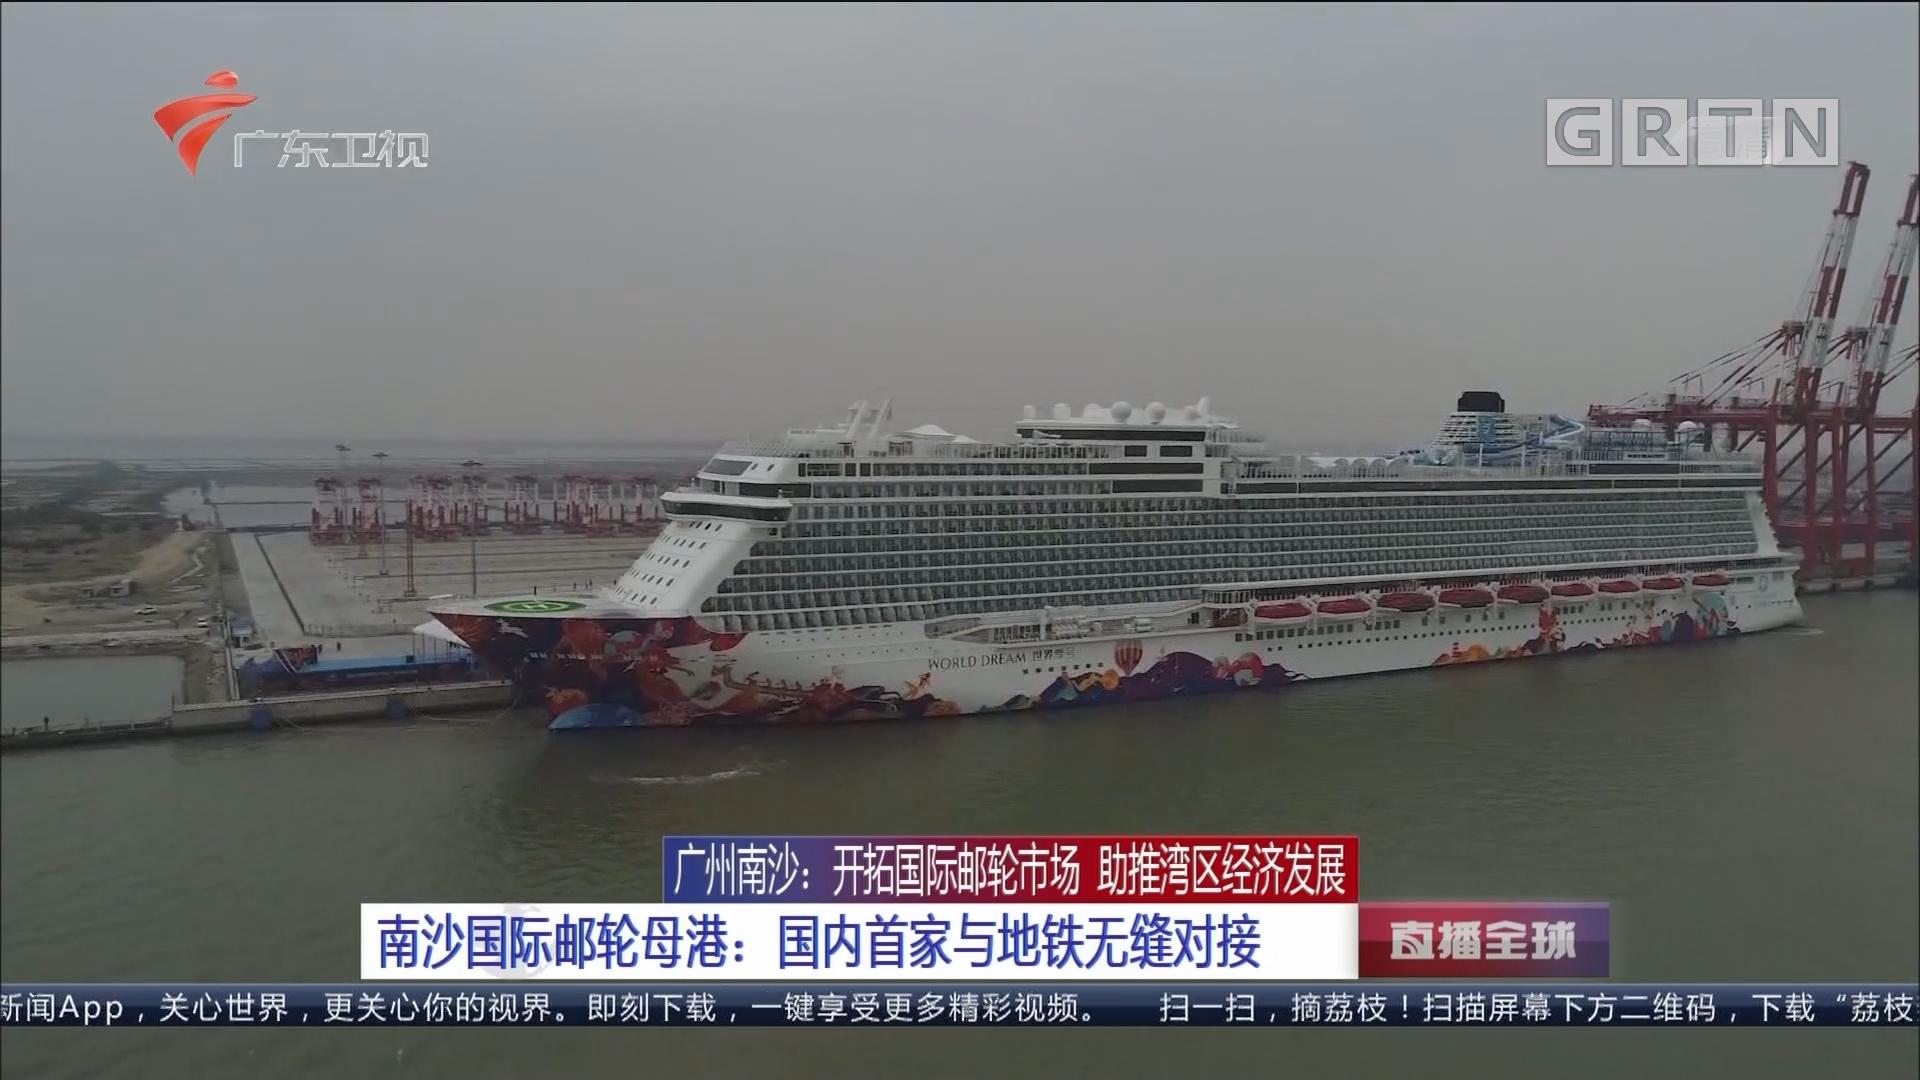 广州南沙:开拓国际邮轮市场 助推湾区经济发展 南沙国际邮轮母港:国内首家与地铁无缝对接